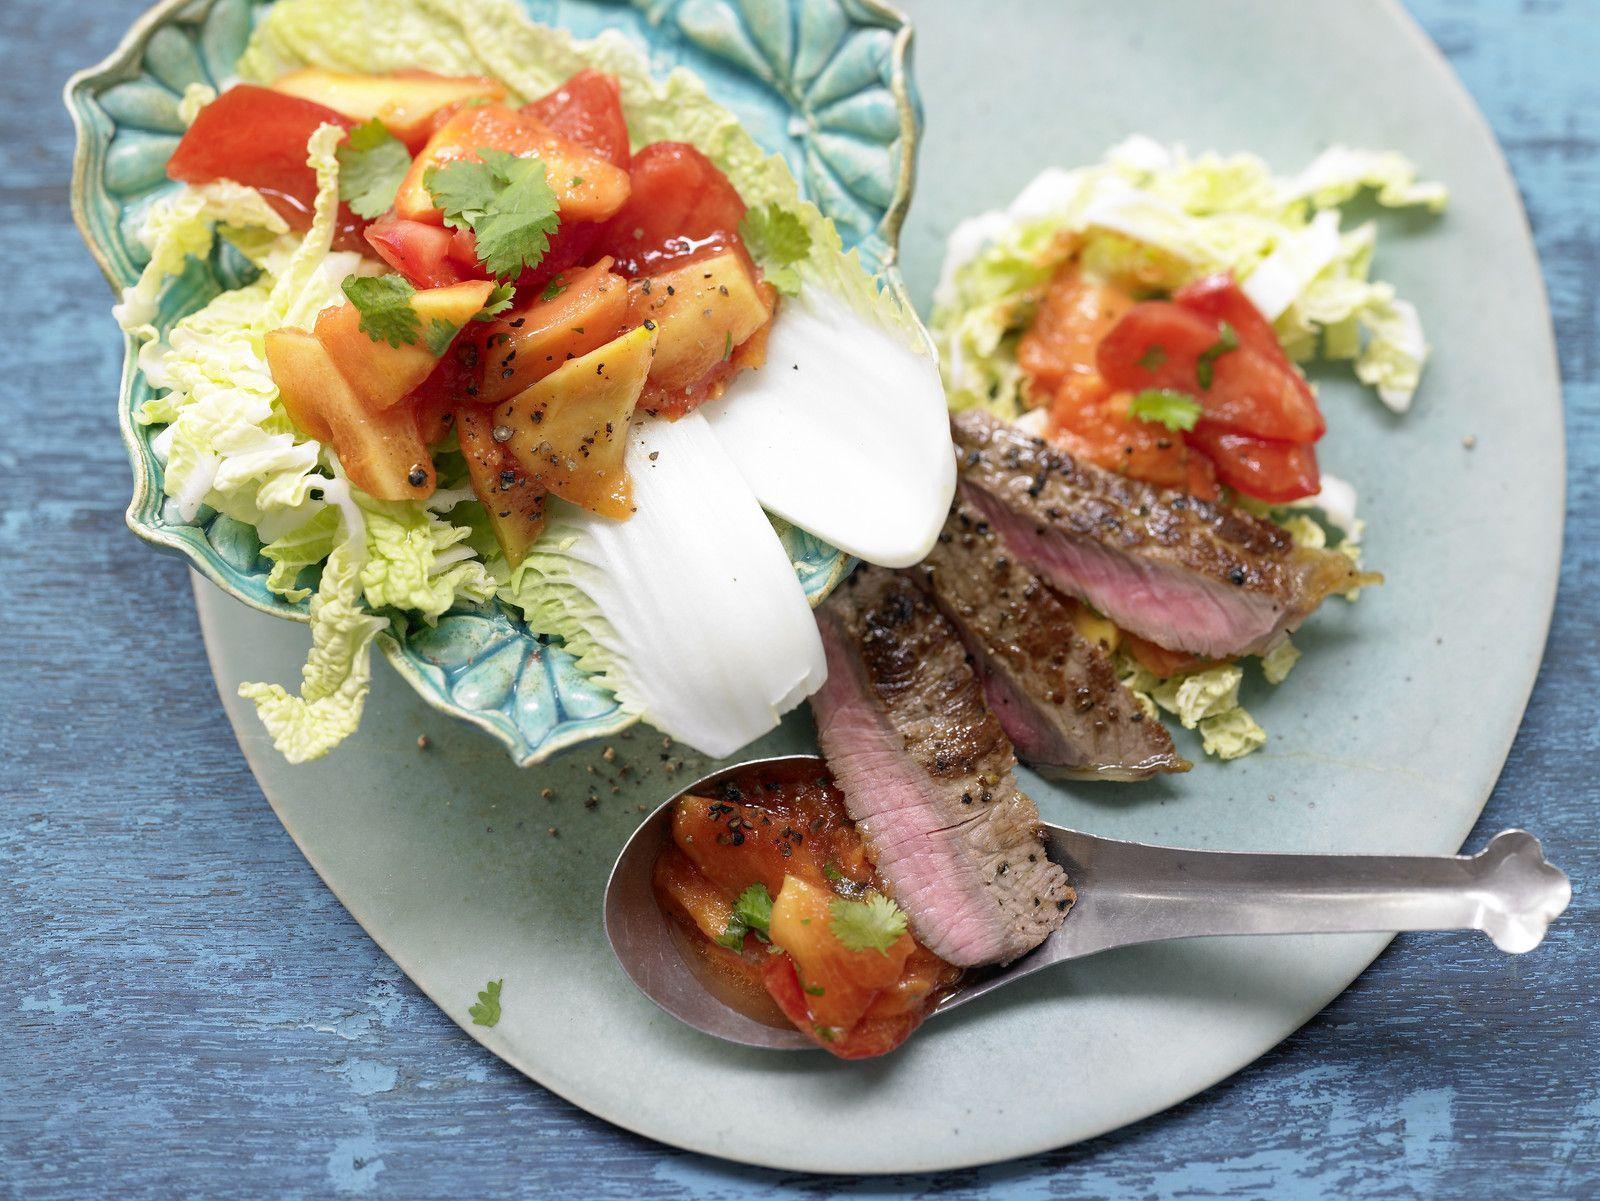 Kochbuch: Salate & Salat-Rezepte   EAT SMARTER